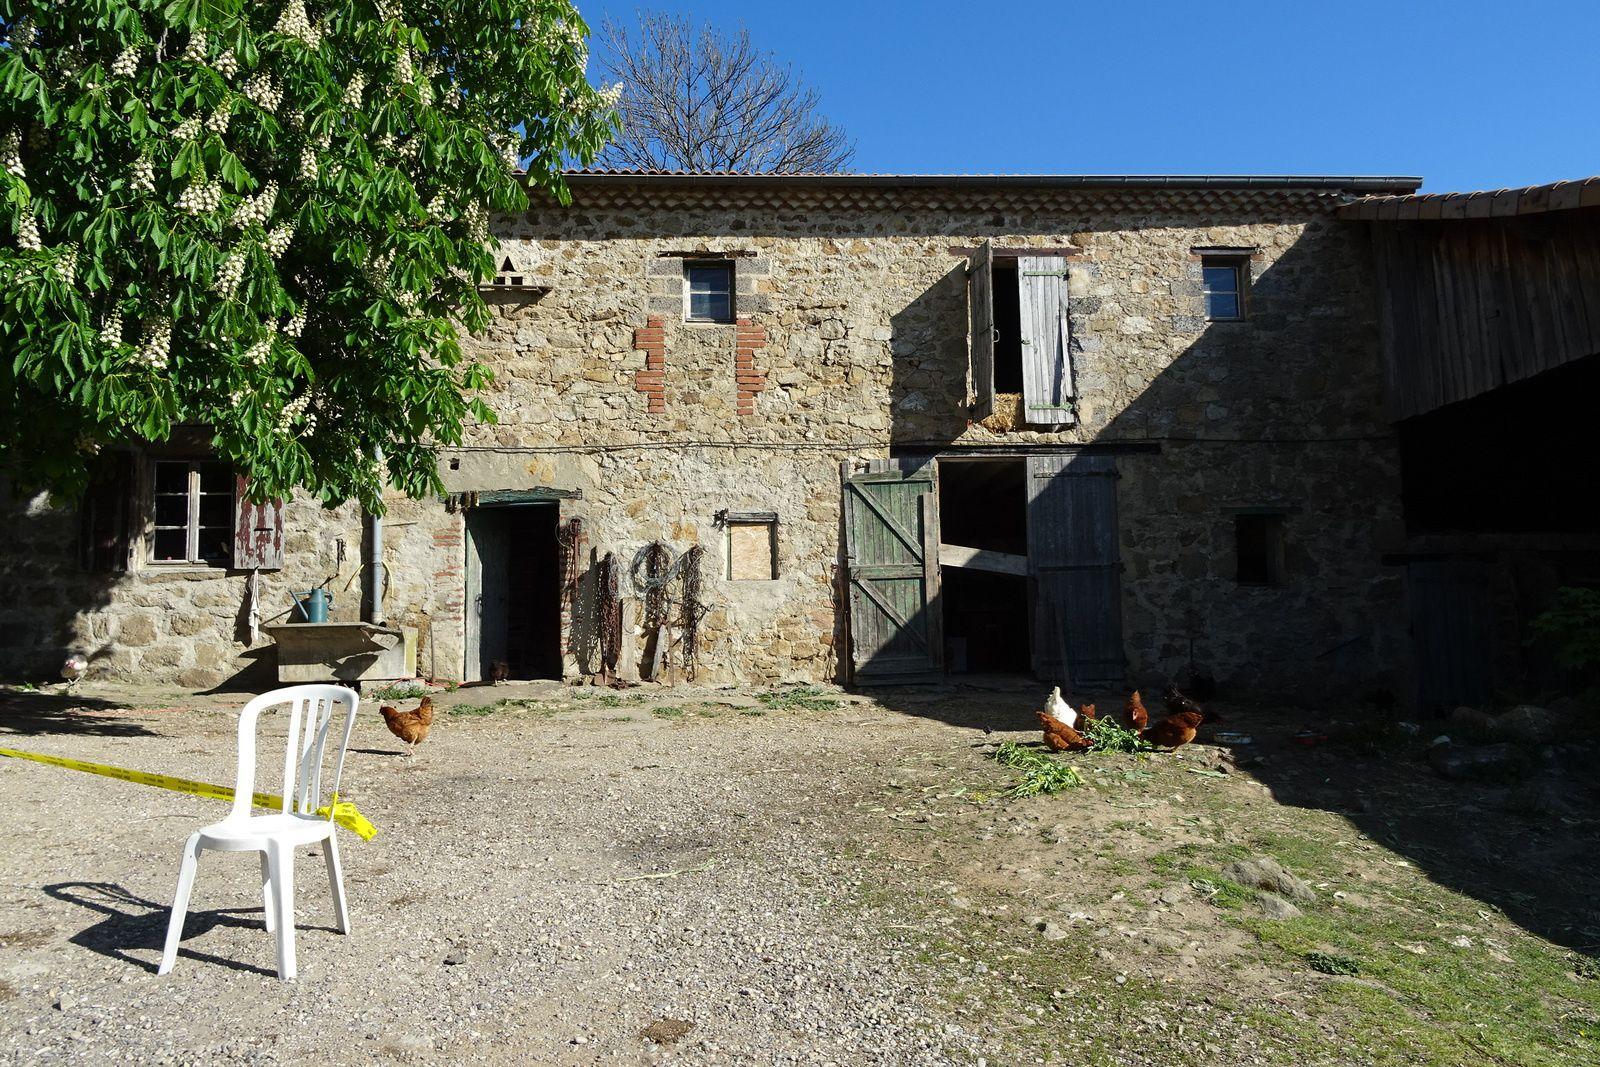 Lundi, randonnée à Saint Romain d'Ay en Ardèche. On y retrouve les Ardriders, Jean-Paul Dini et les copains de Vienne, PapyJP mais aussi David qui roulotte comme à son habitude.